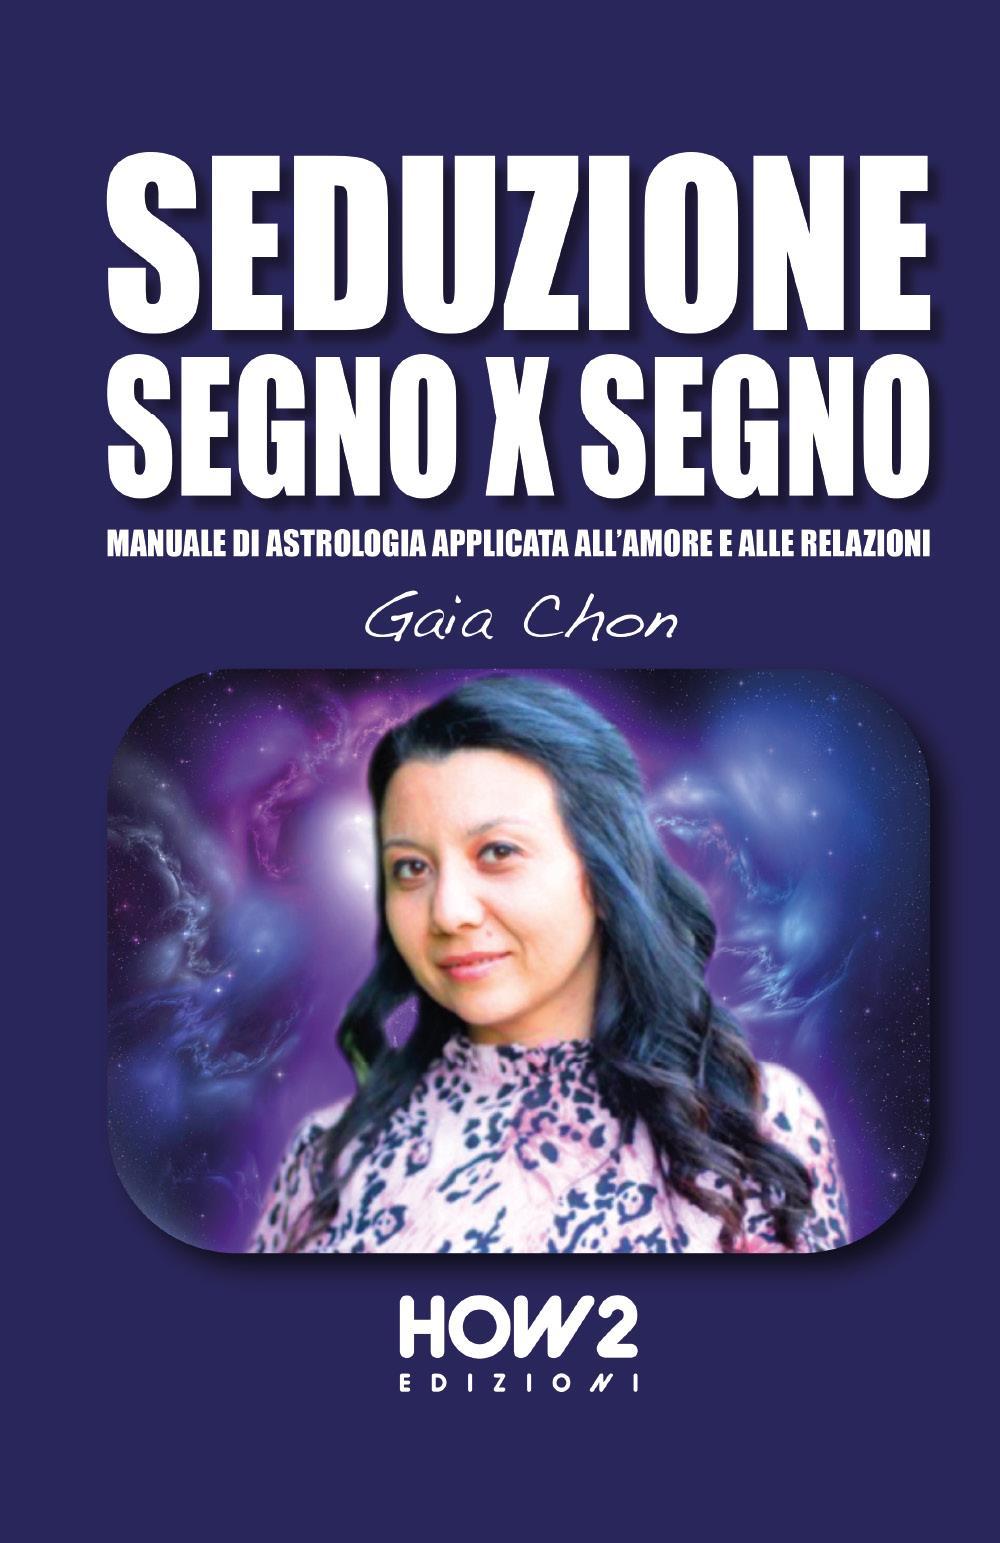 Seduzione segno x segno. Manuale di astrologia applicata all'amore e alle relazioni